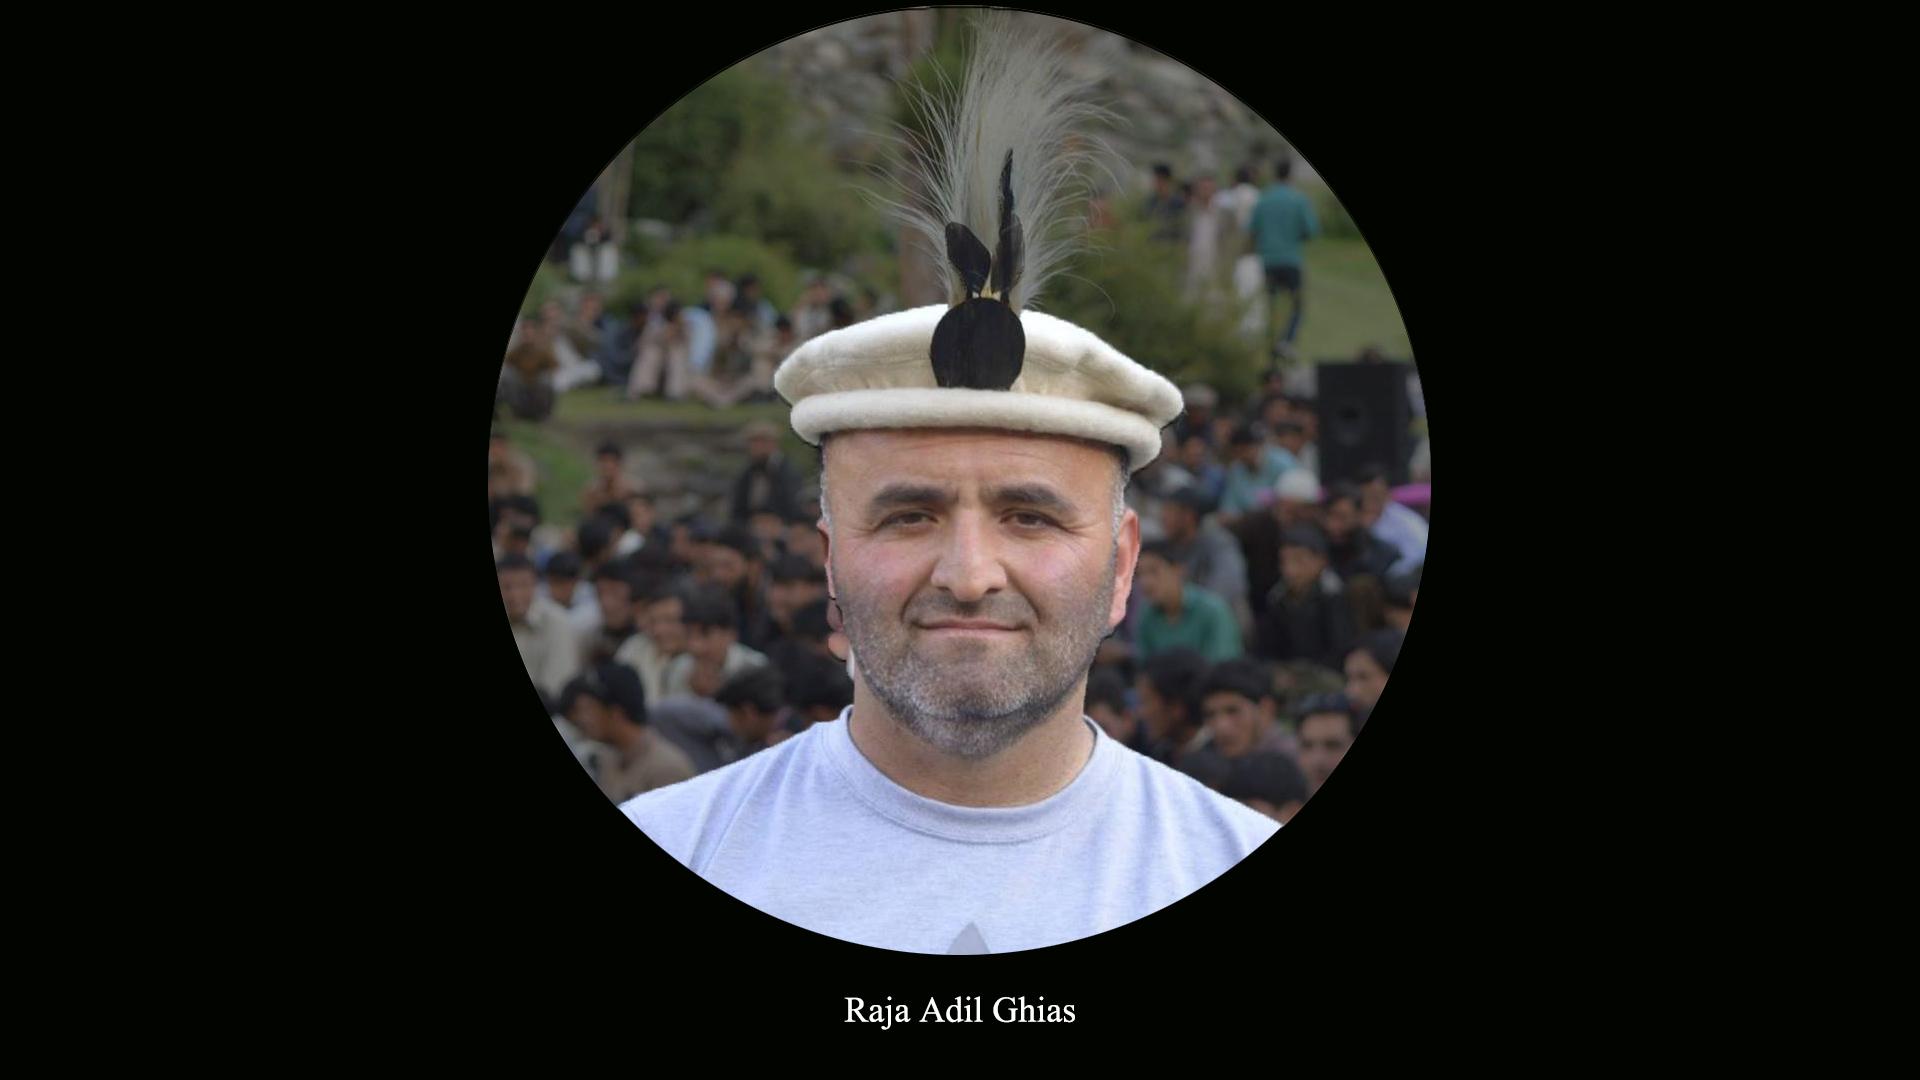 ہر دلعزیز صحافی راجہ عادل غیاث